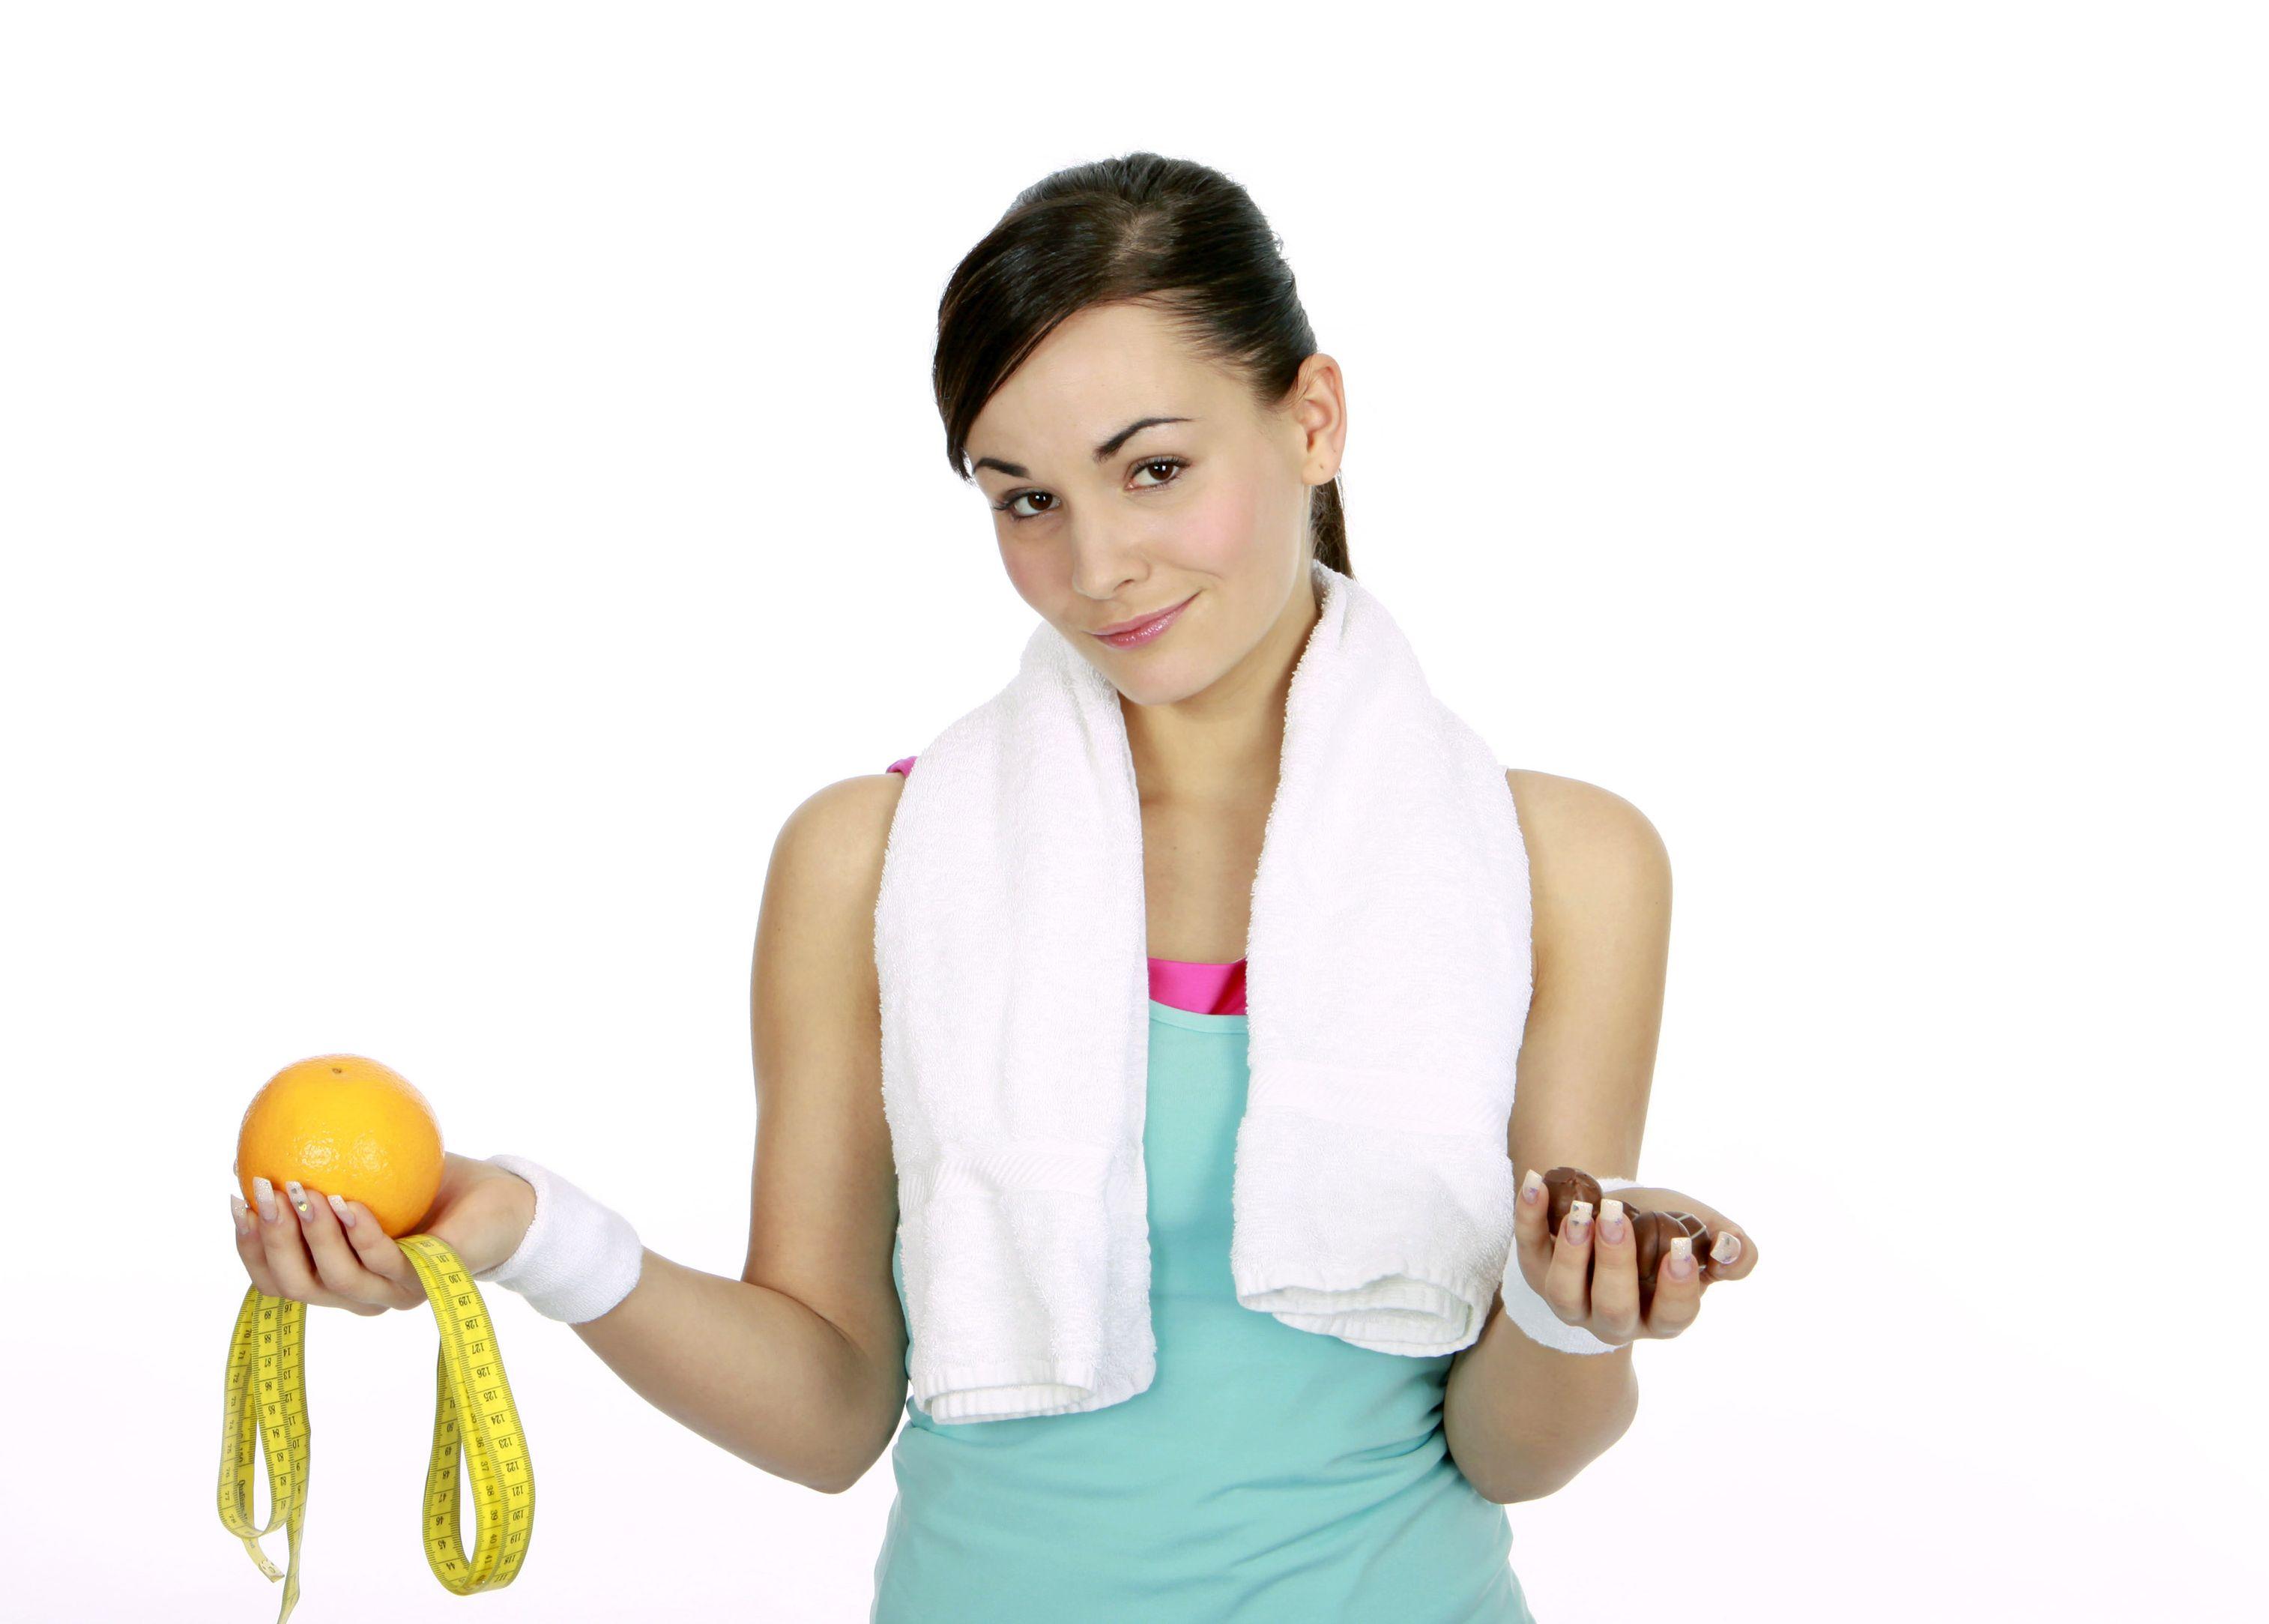 cum să mănânci slăbește 2 săptămâni cum slăbești încet